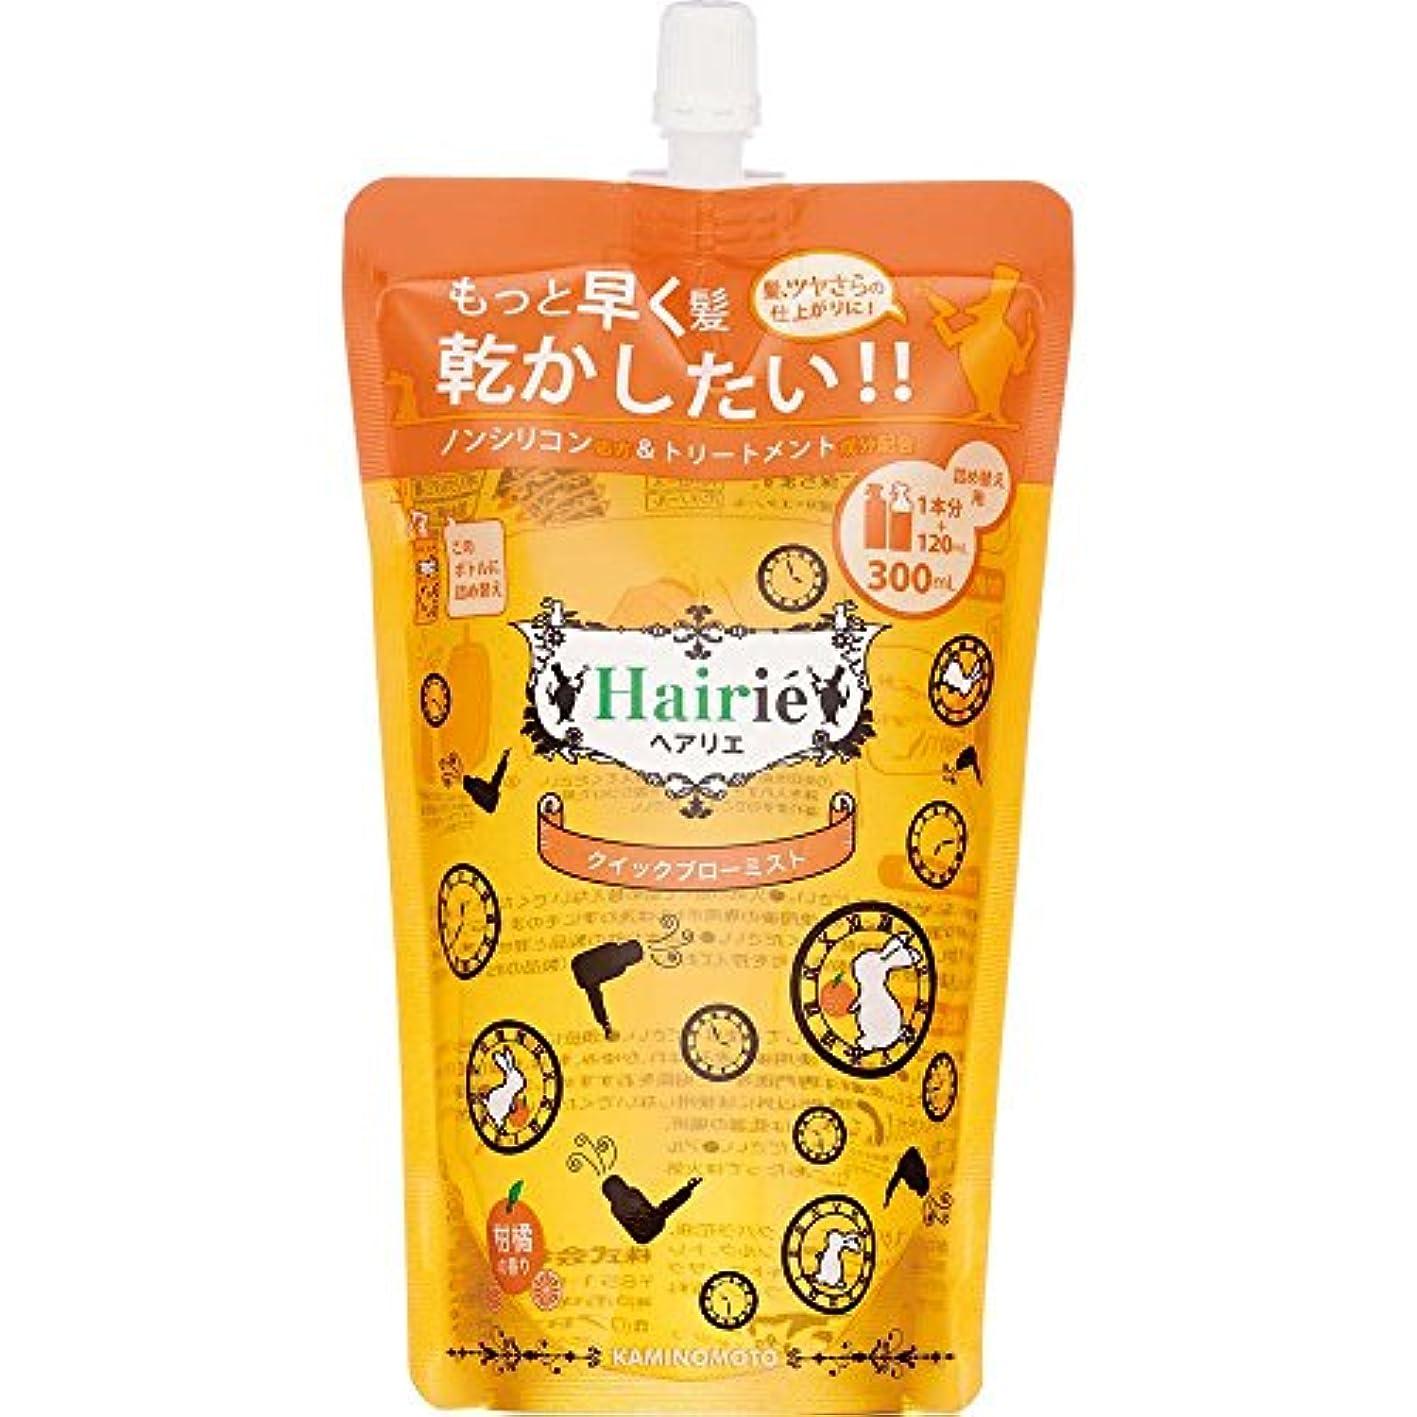 そして衣装レクリエーションヘアリエ クイックブローミスト 柑橘の香り 詰め替え 300mL